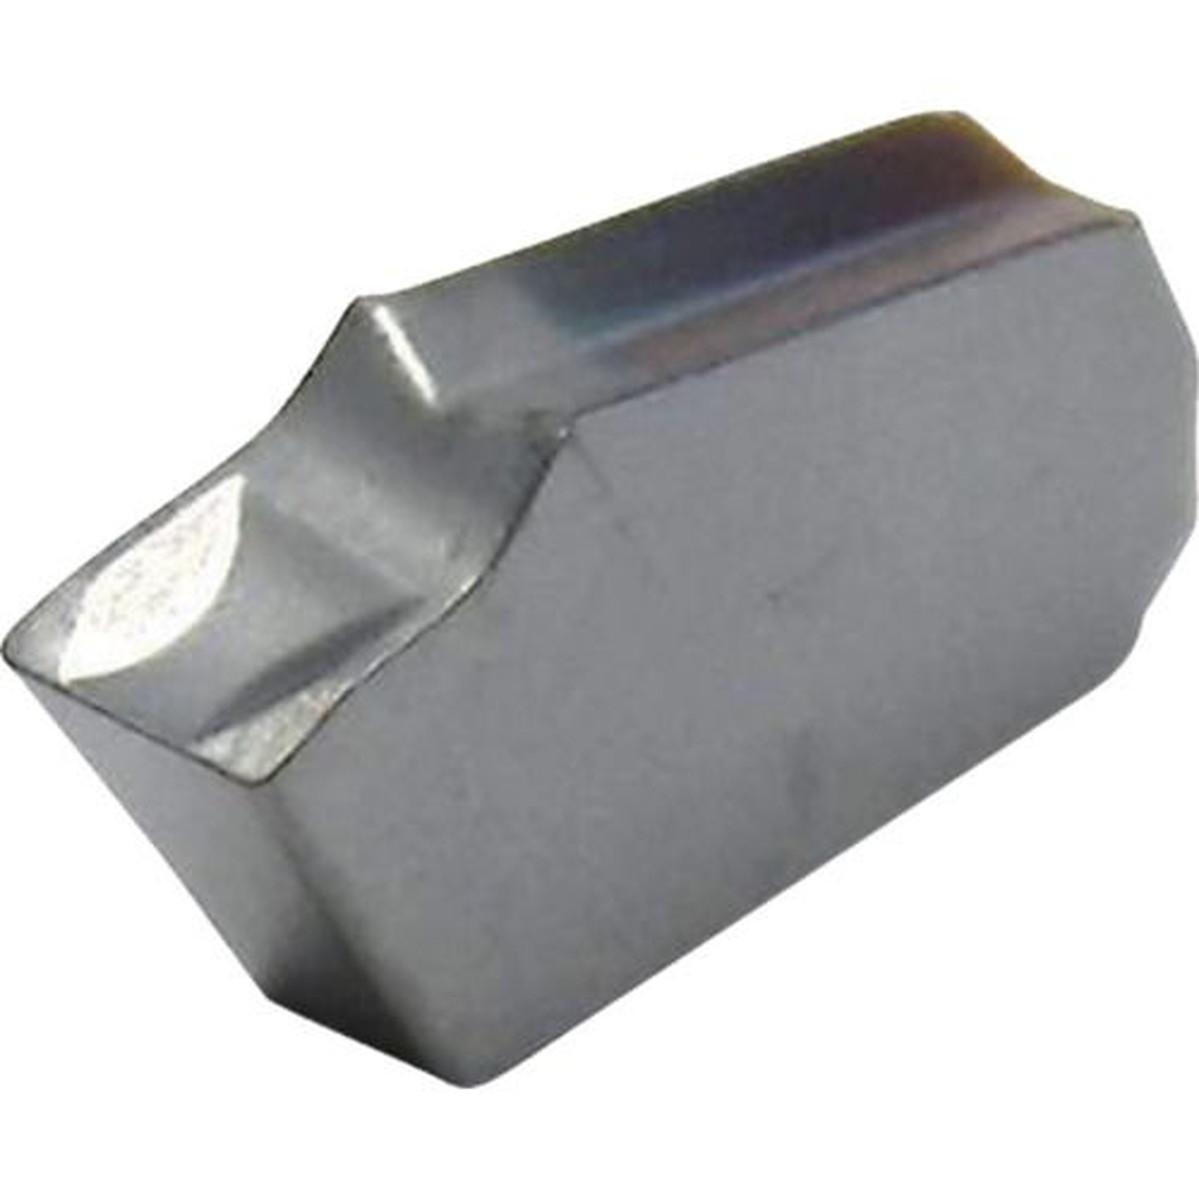 気質アップ イスカル セルフグリップ IC354 10個 IC354 セルフグリップ 10個, アズーリプロデュース:1ba1554c --- blacktieclassic.com.au